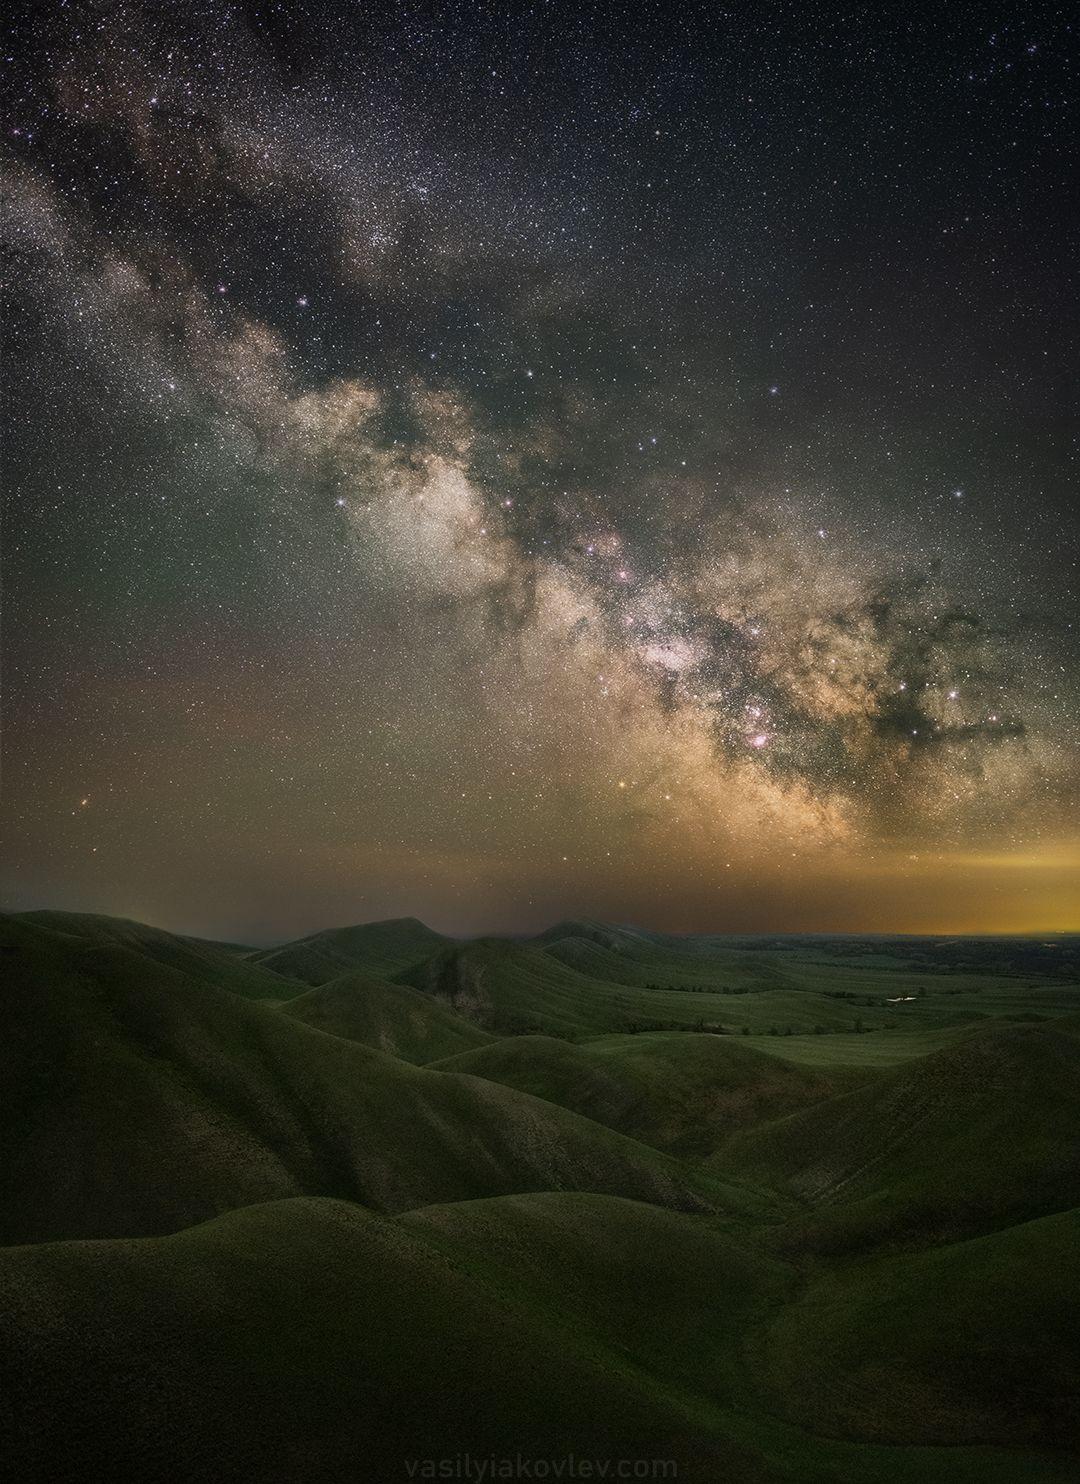 Ночь в Долгих горах долгие горы фототур яковлевфототур василийяковлев